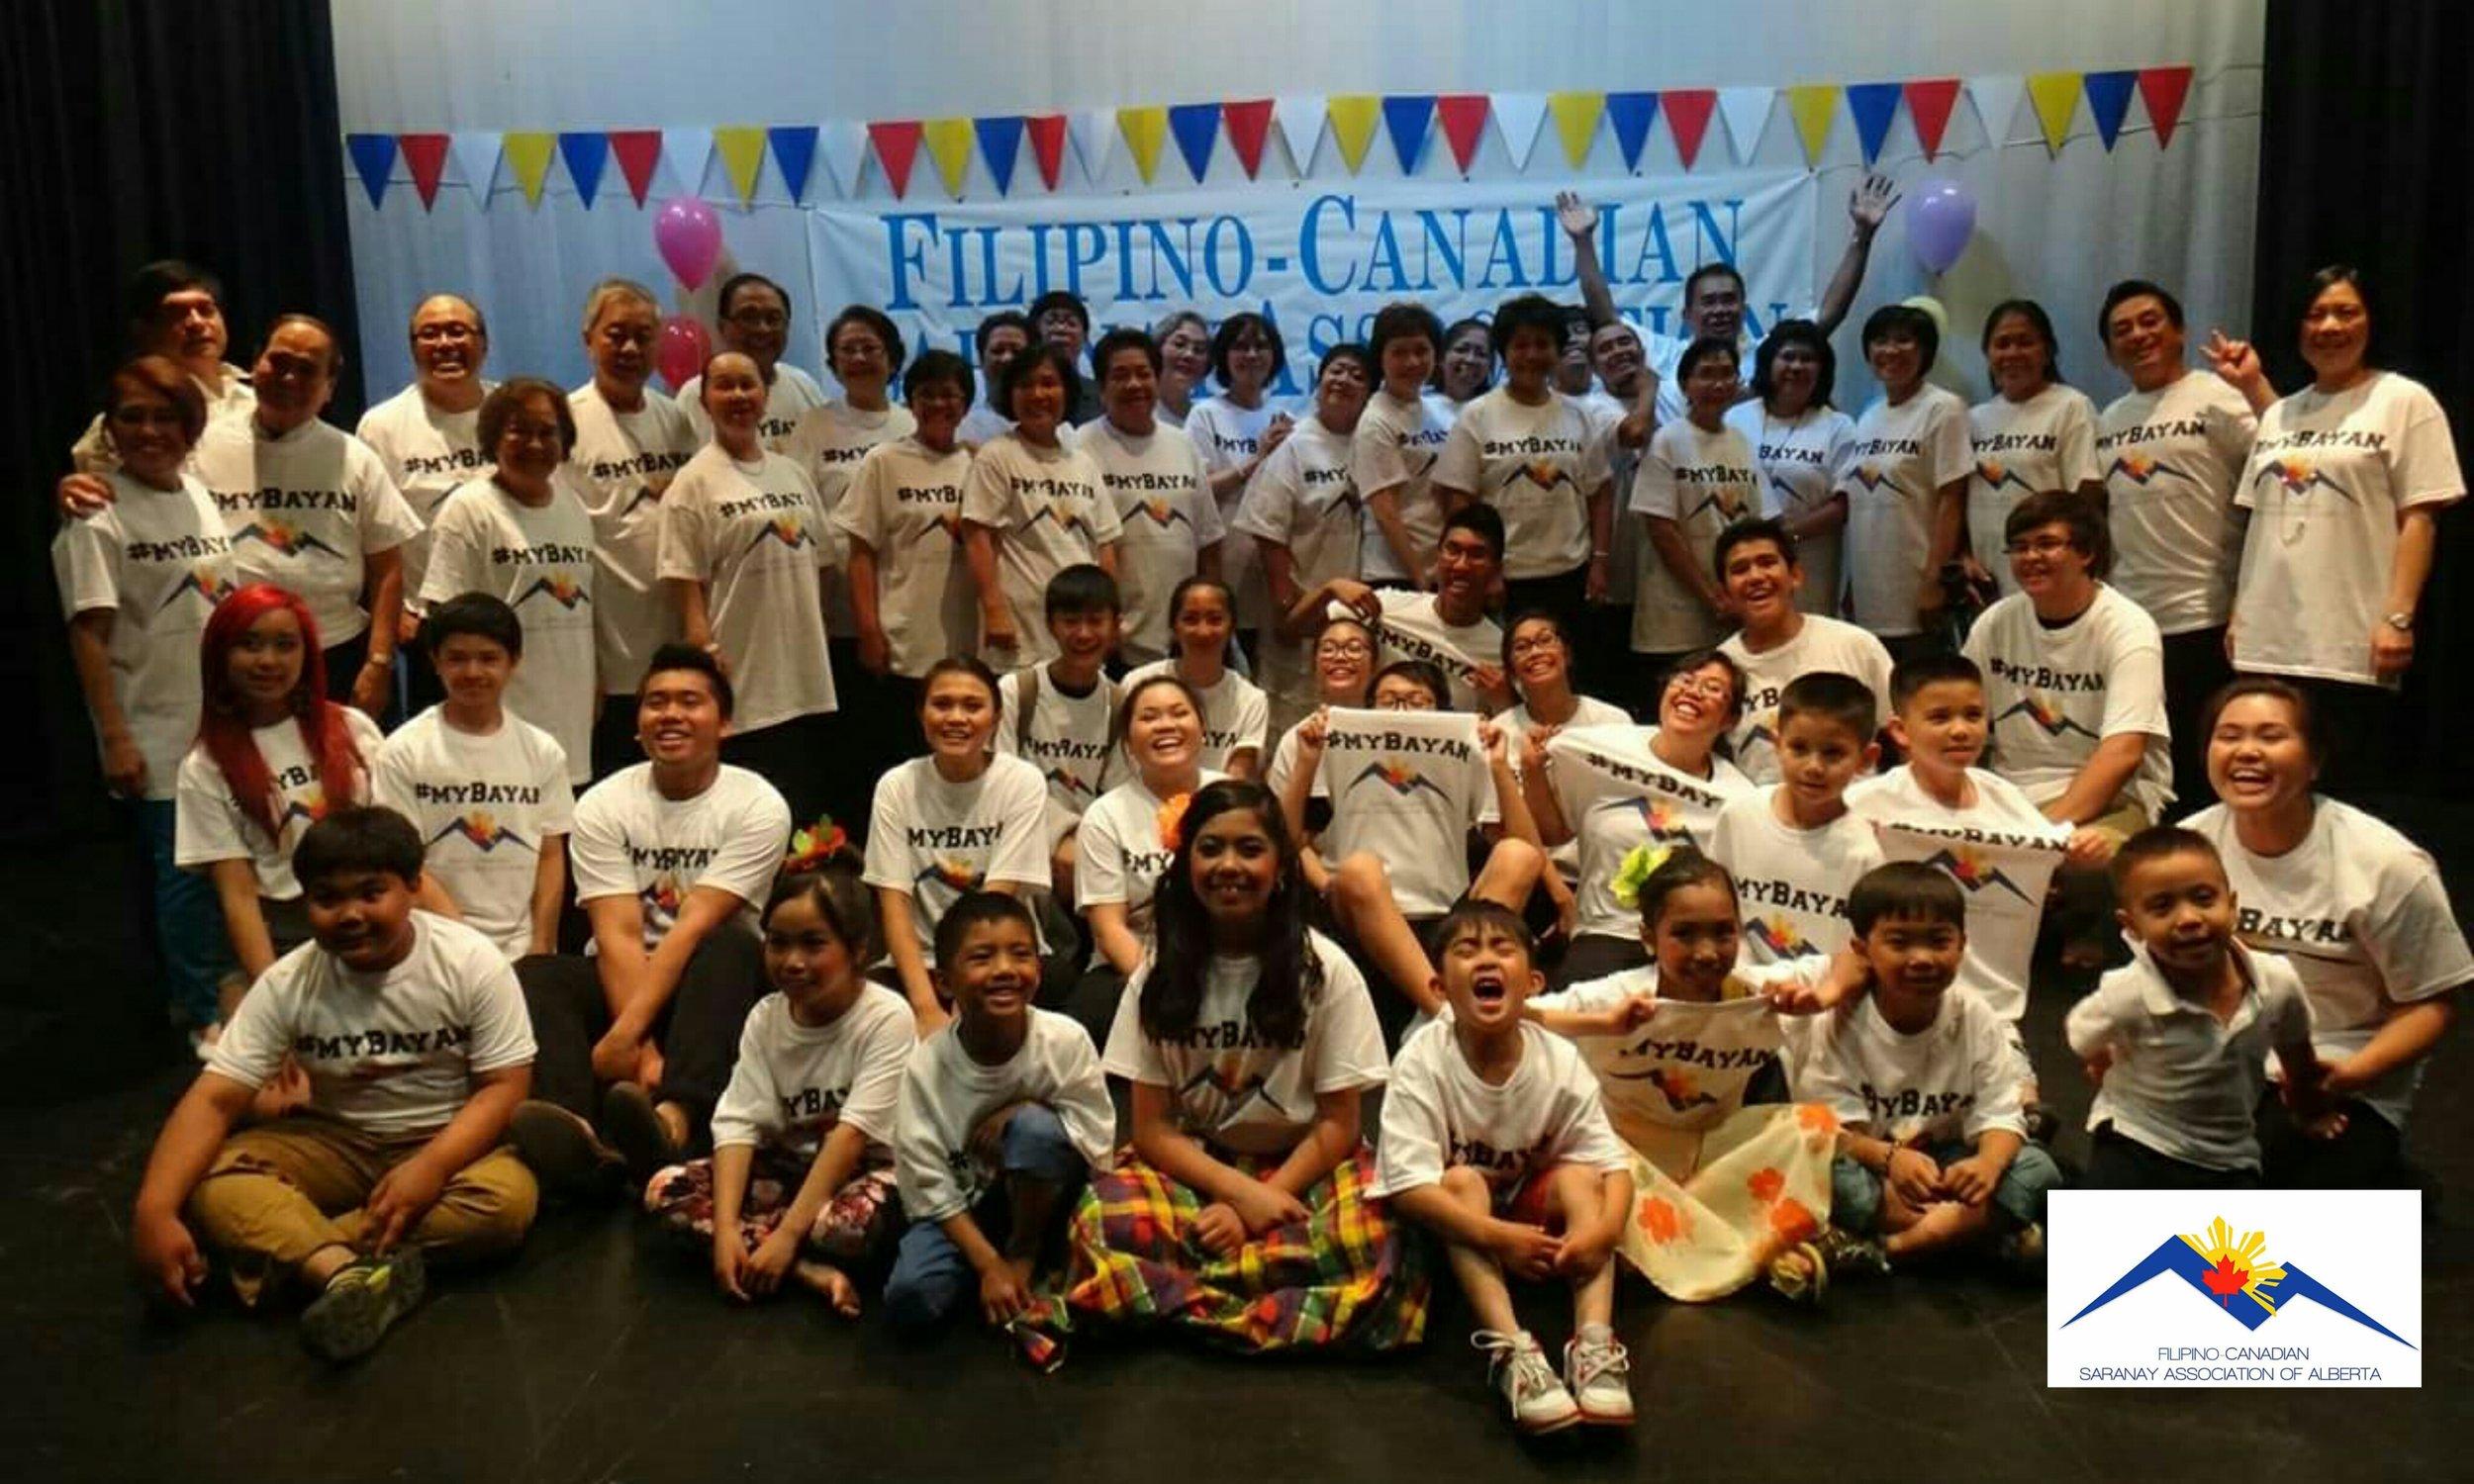 Filipino-Canadian Saranay Association of Canada